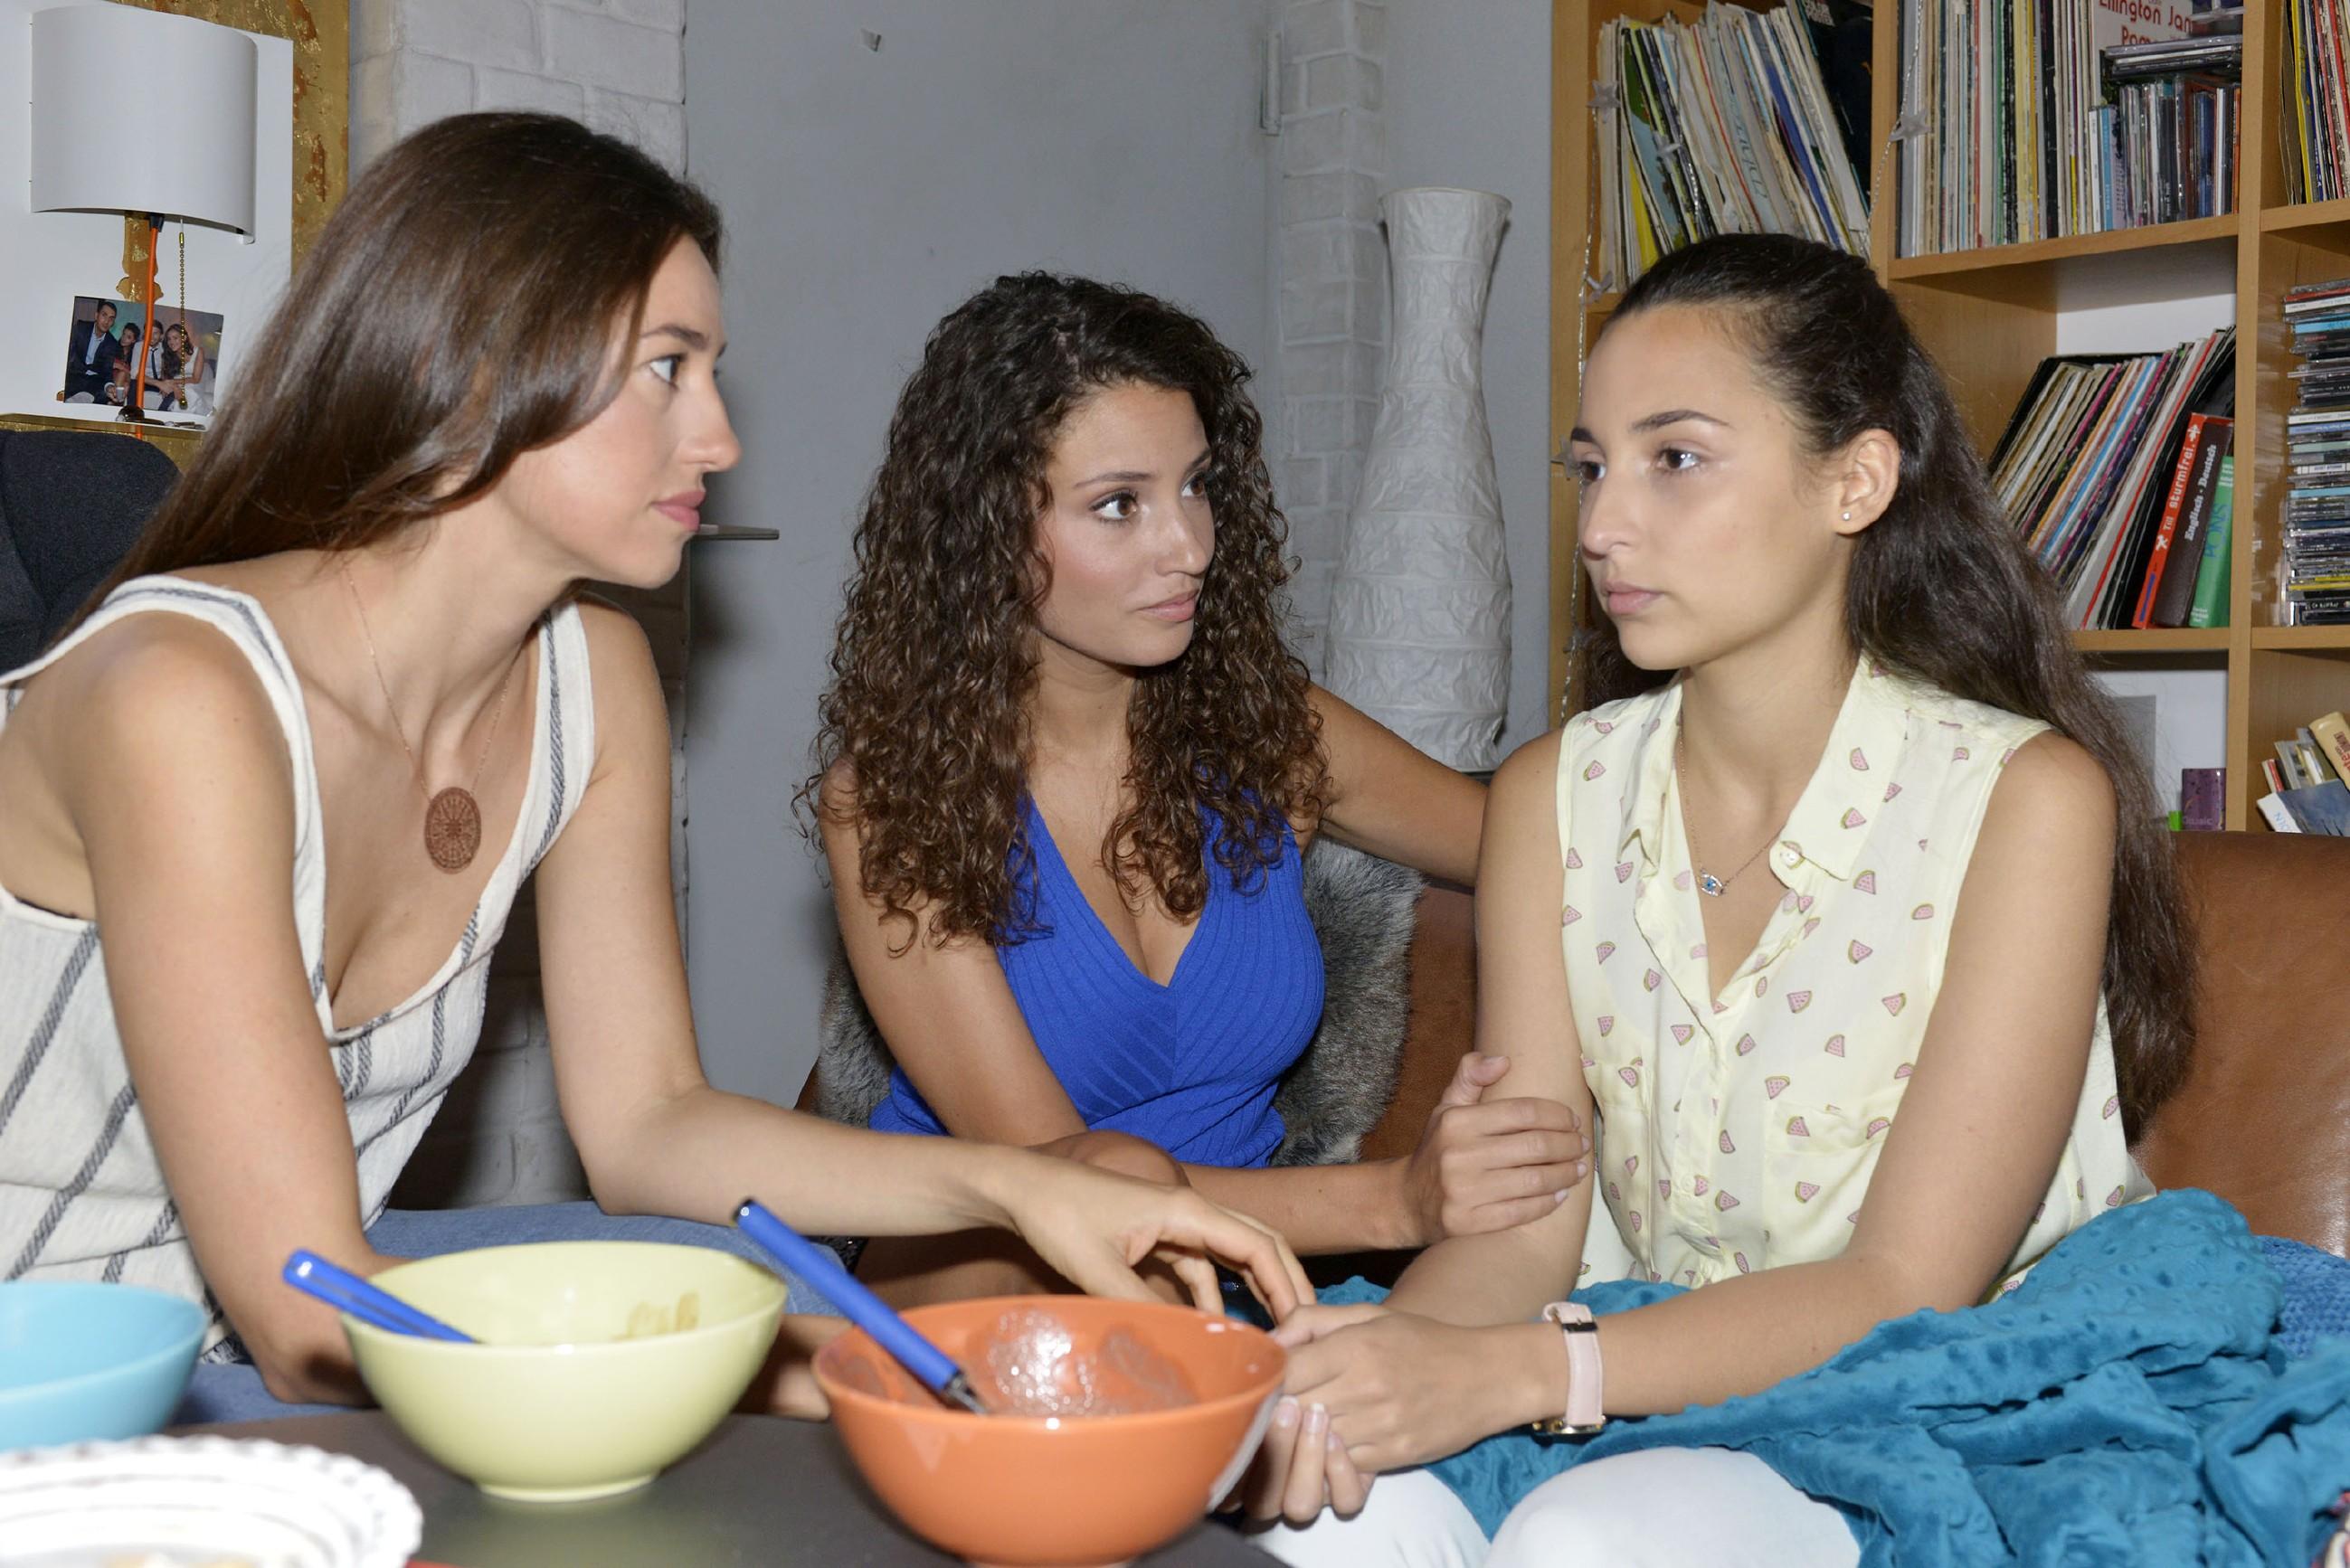 Selma (Rona Özkan, r.) erzählt Elena (Elena Garcia Gerlach, l.) und Ayla (Nadine Menz) von Jonas' aggressivem Verhalten nach der Trennung.